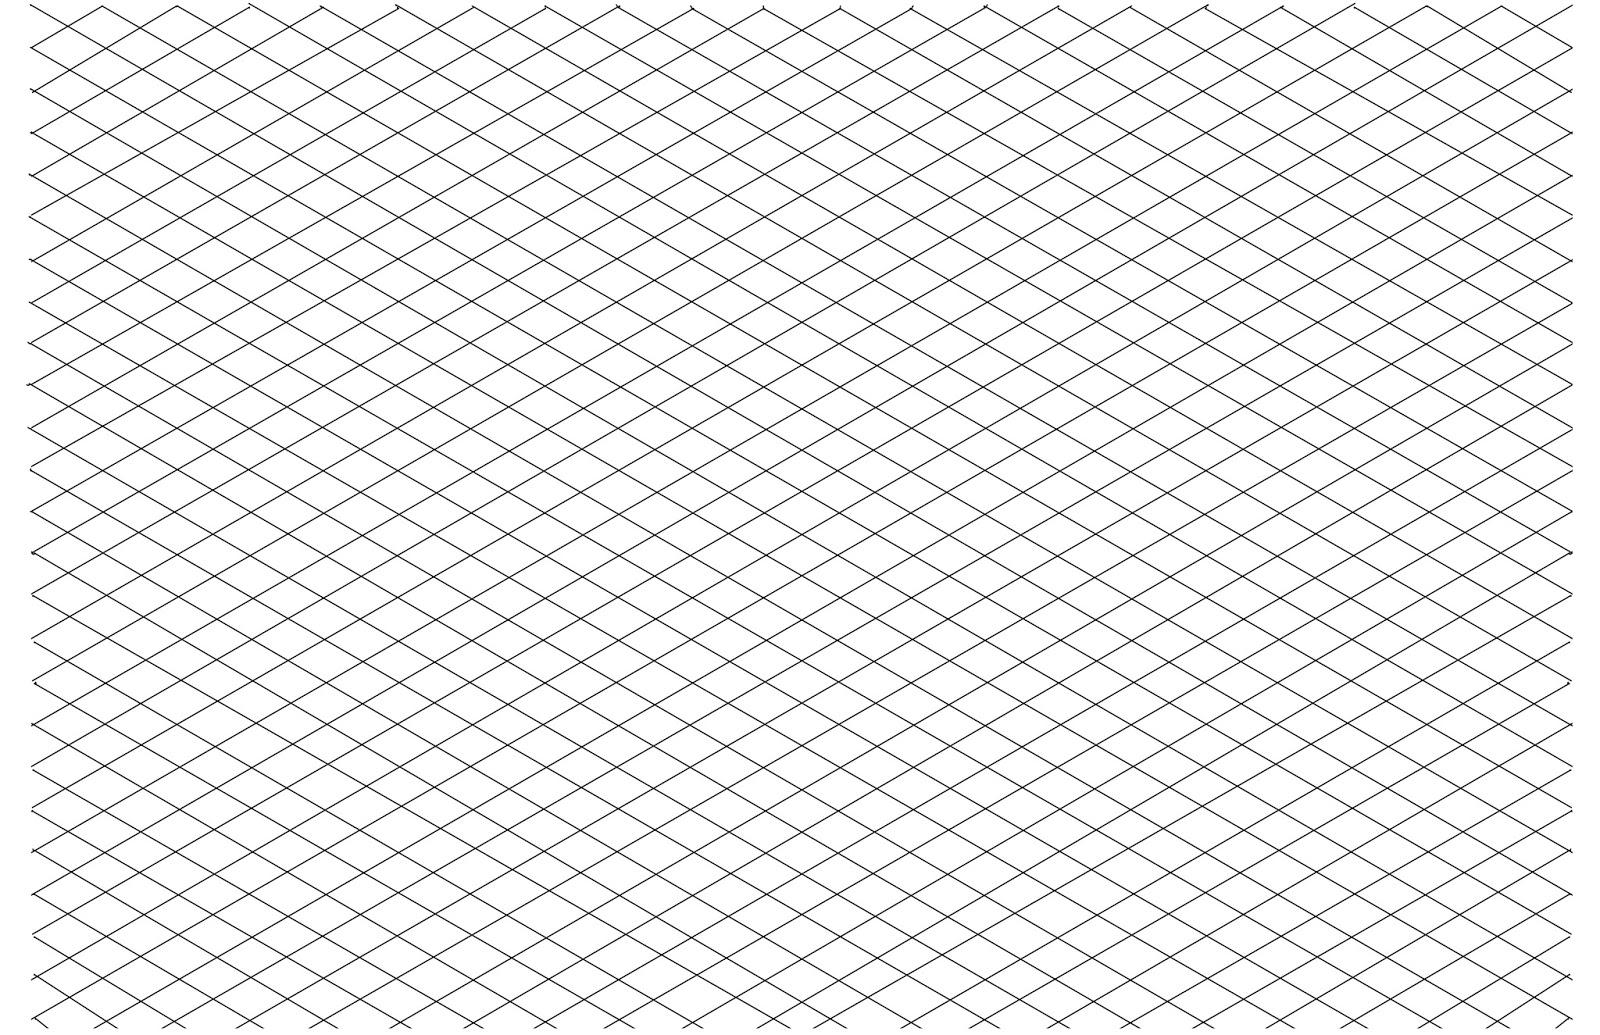 картинка прозрачная сетка странно, такие программы